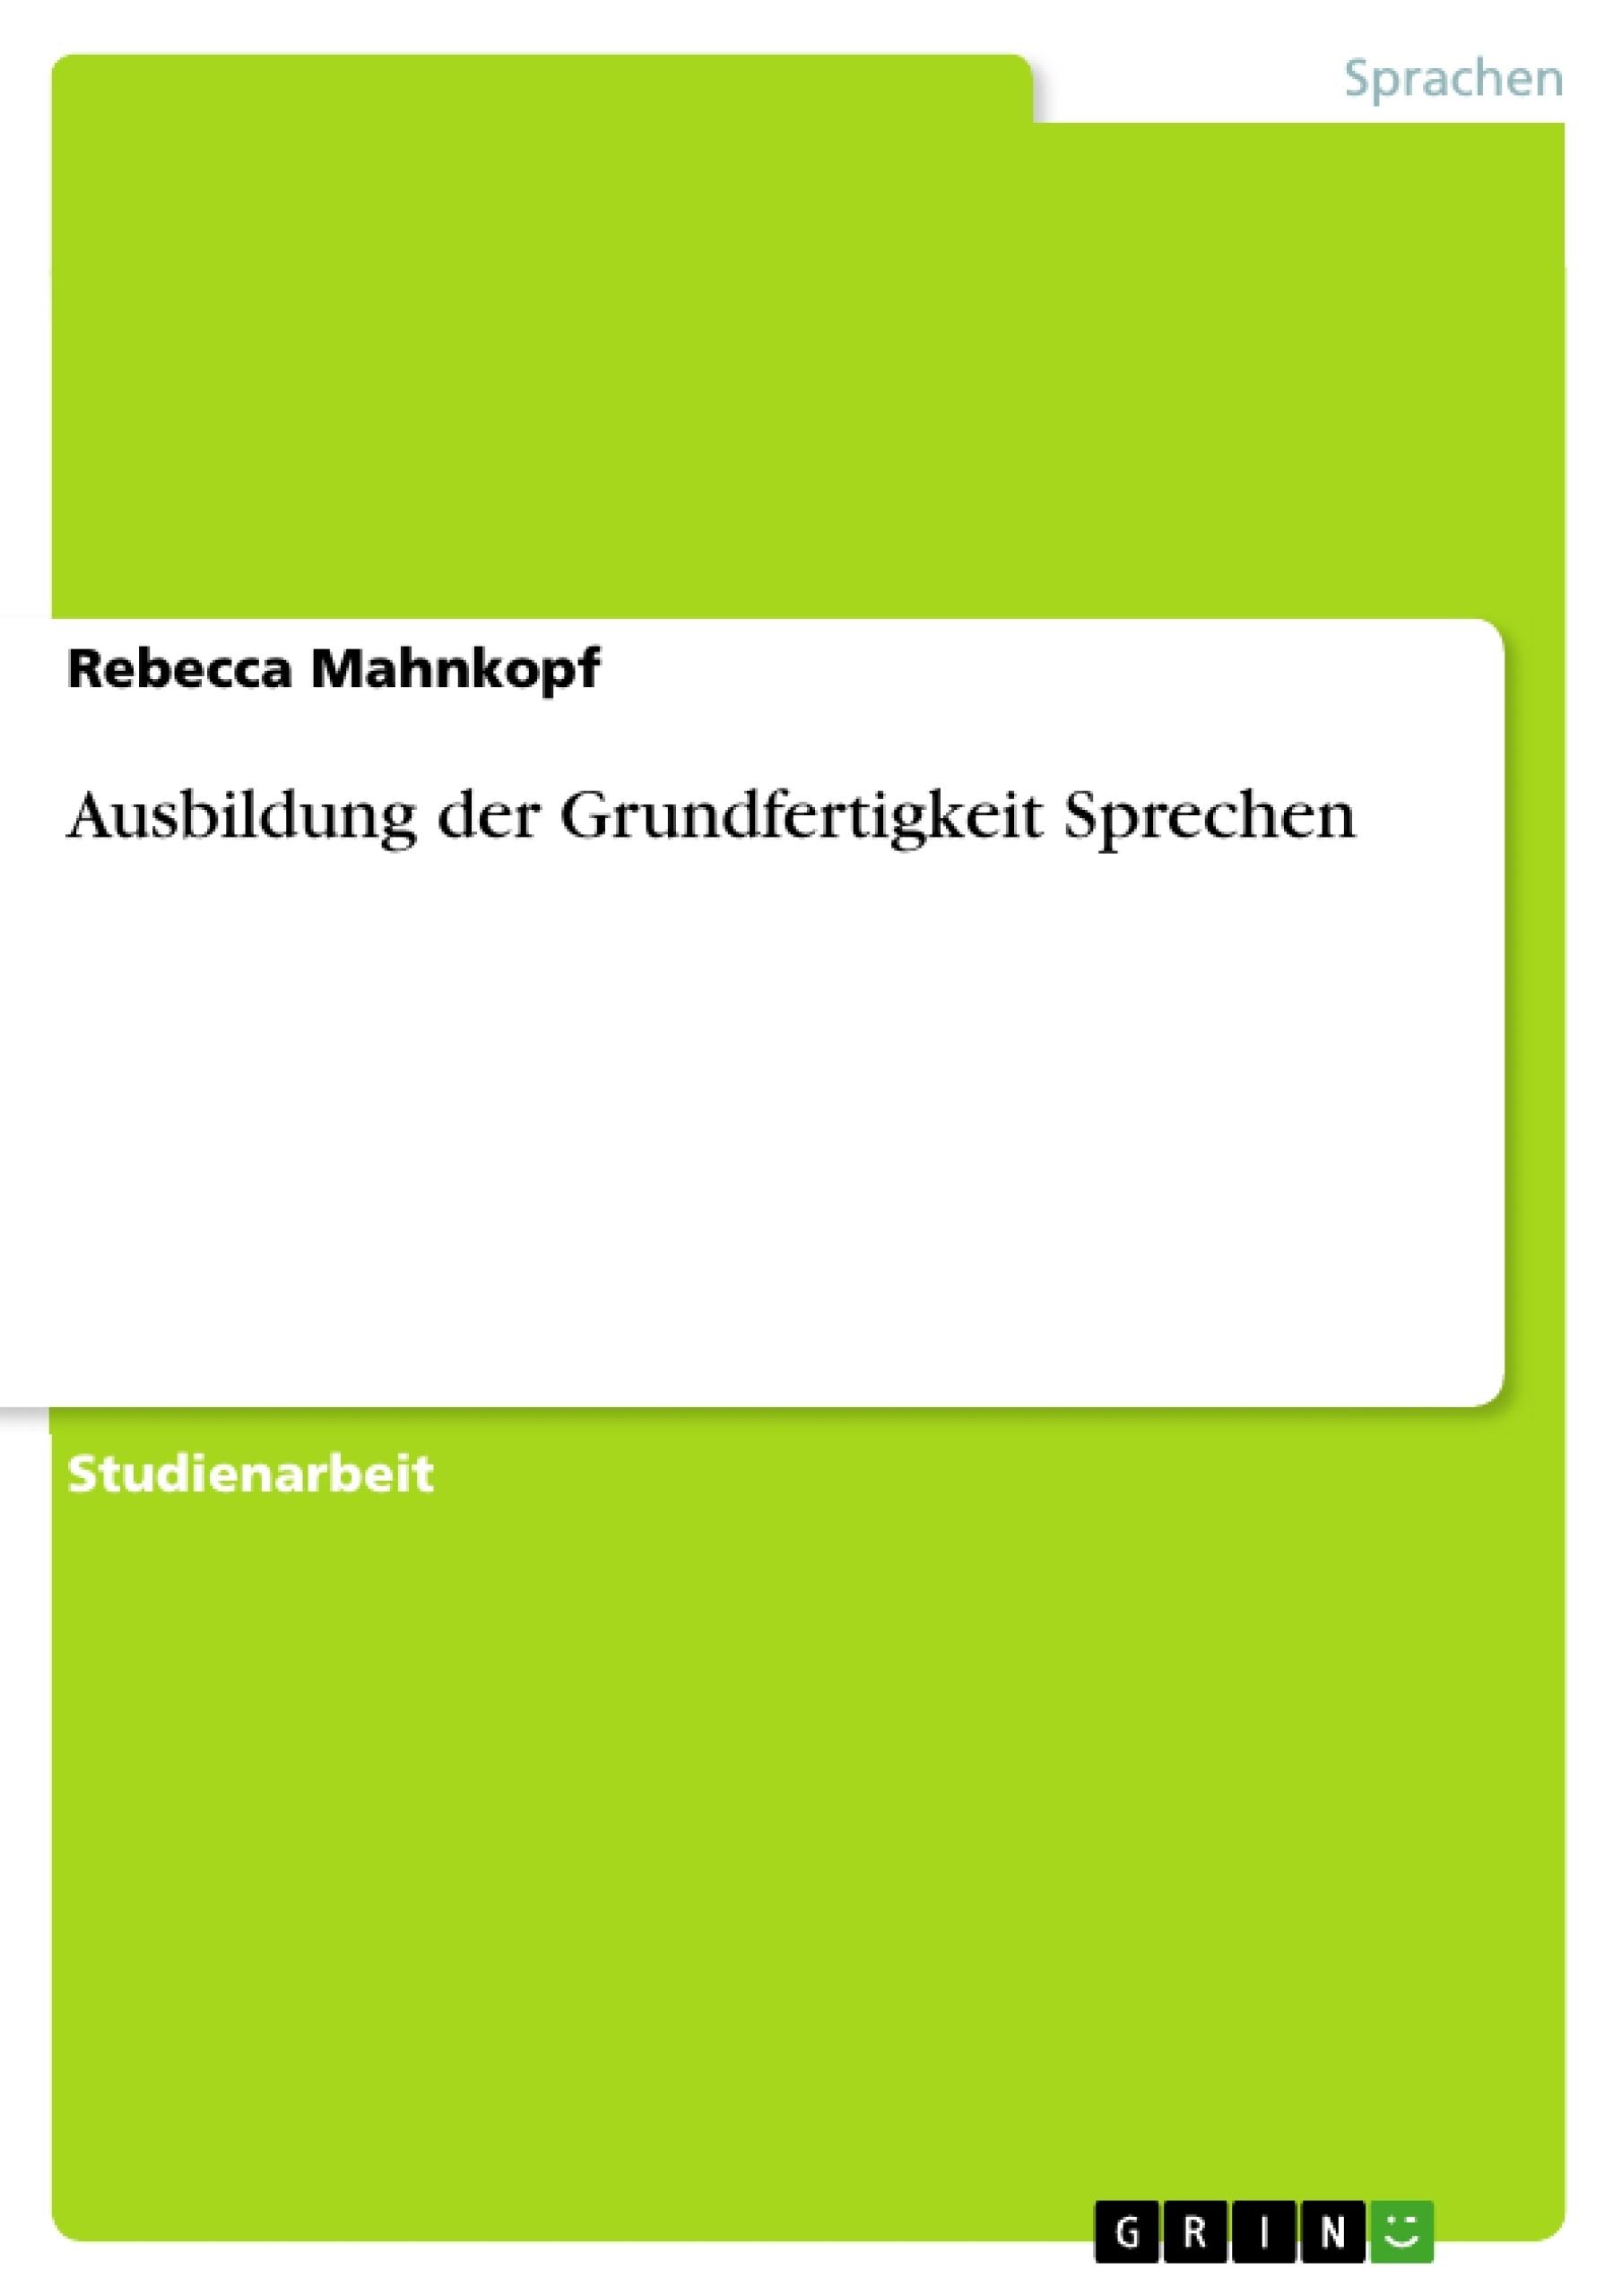 Titel: Ausbildung der Grundfertigkeit Sprechen